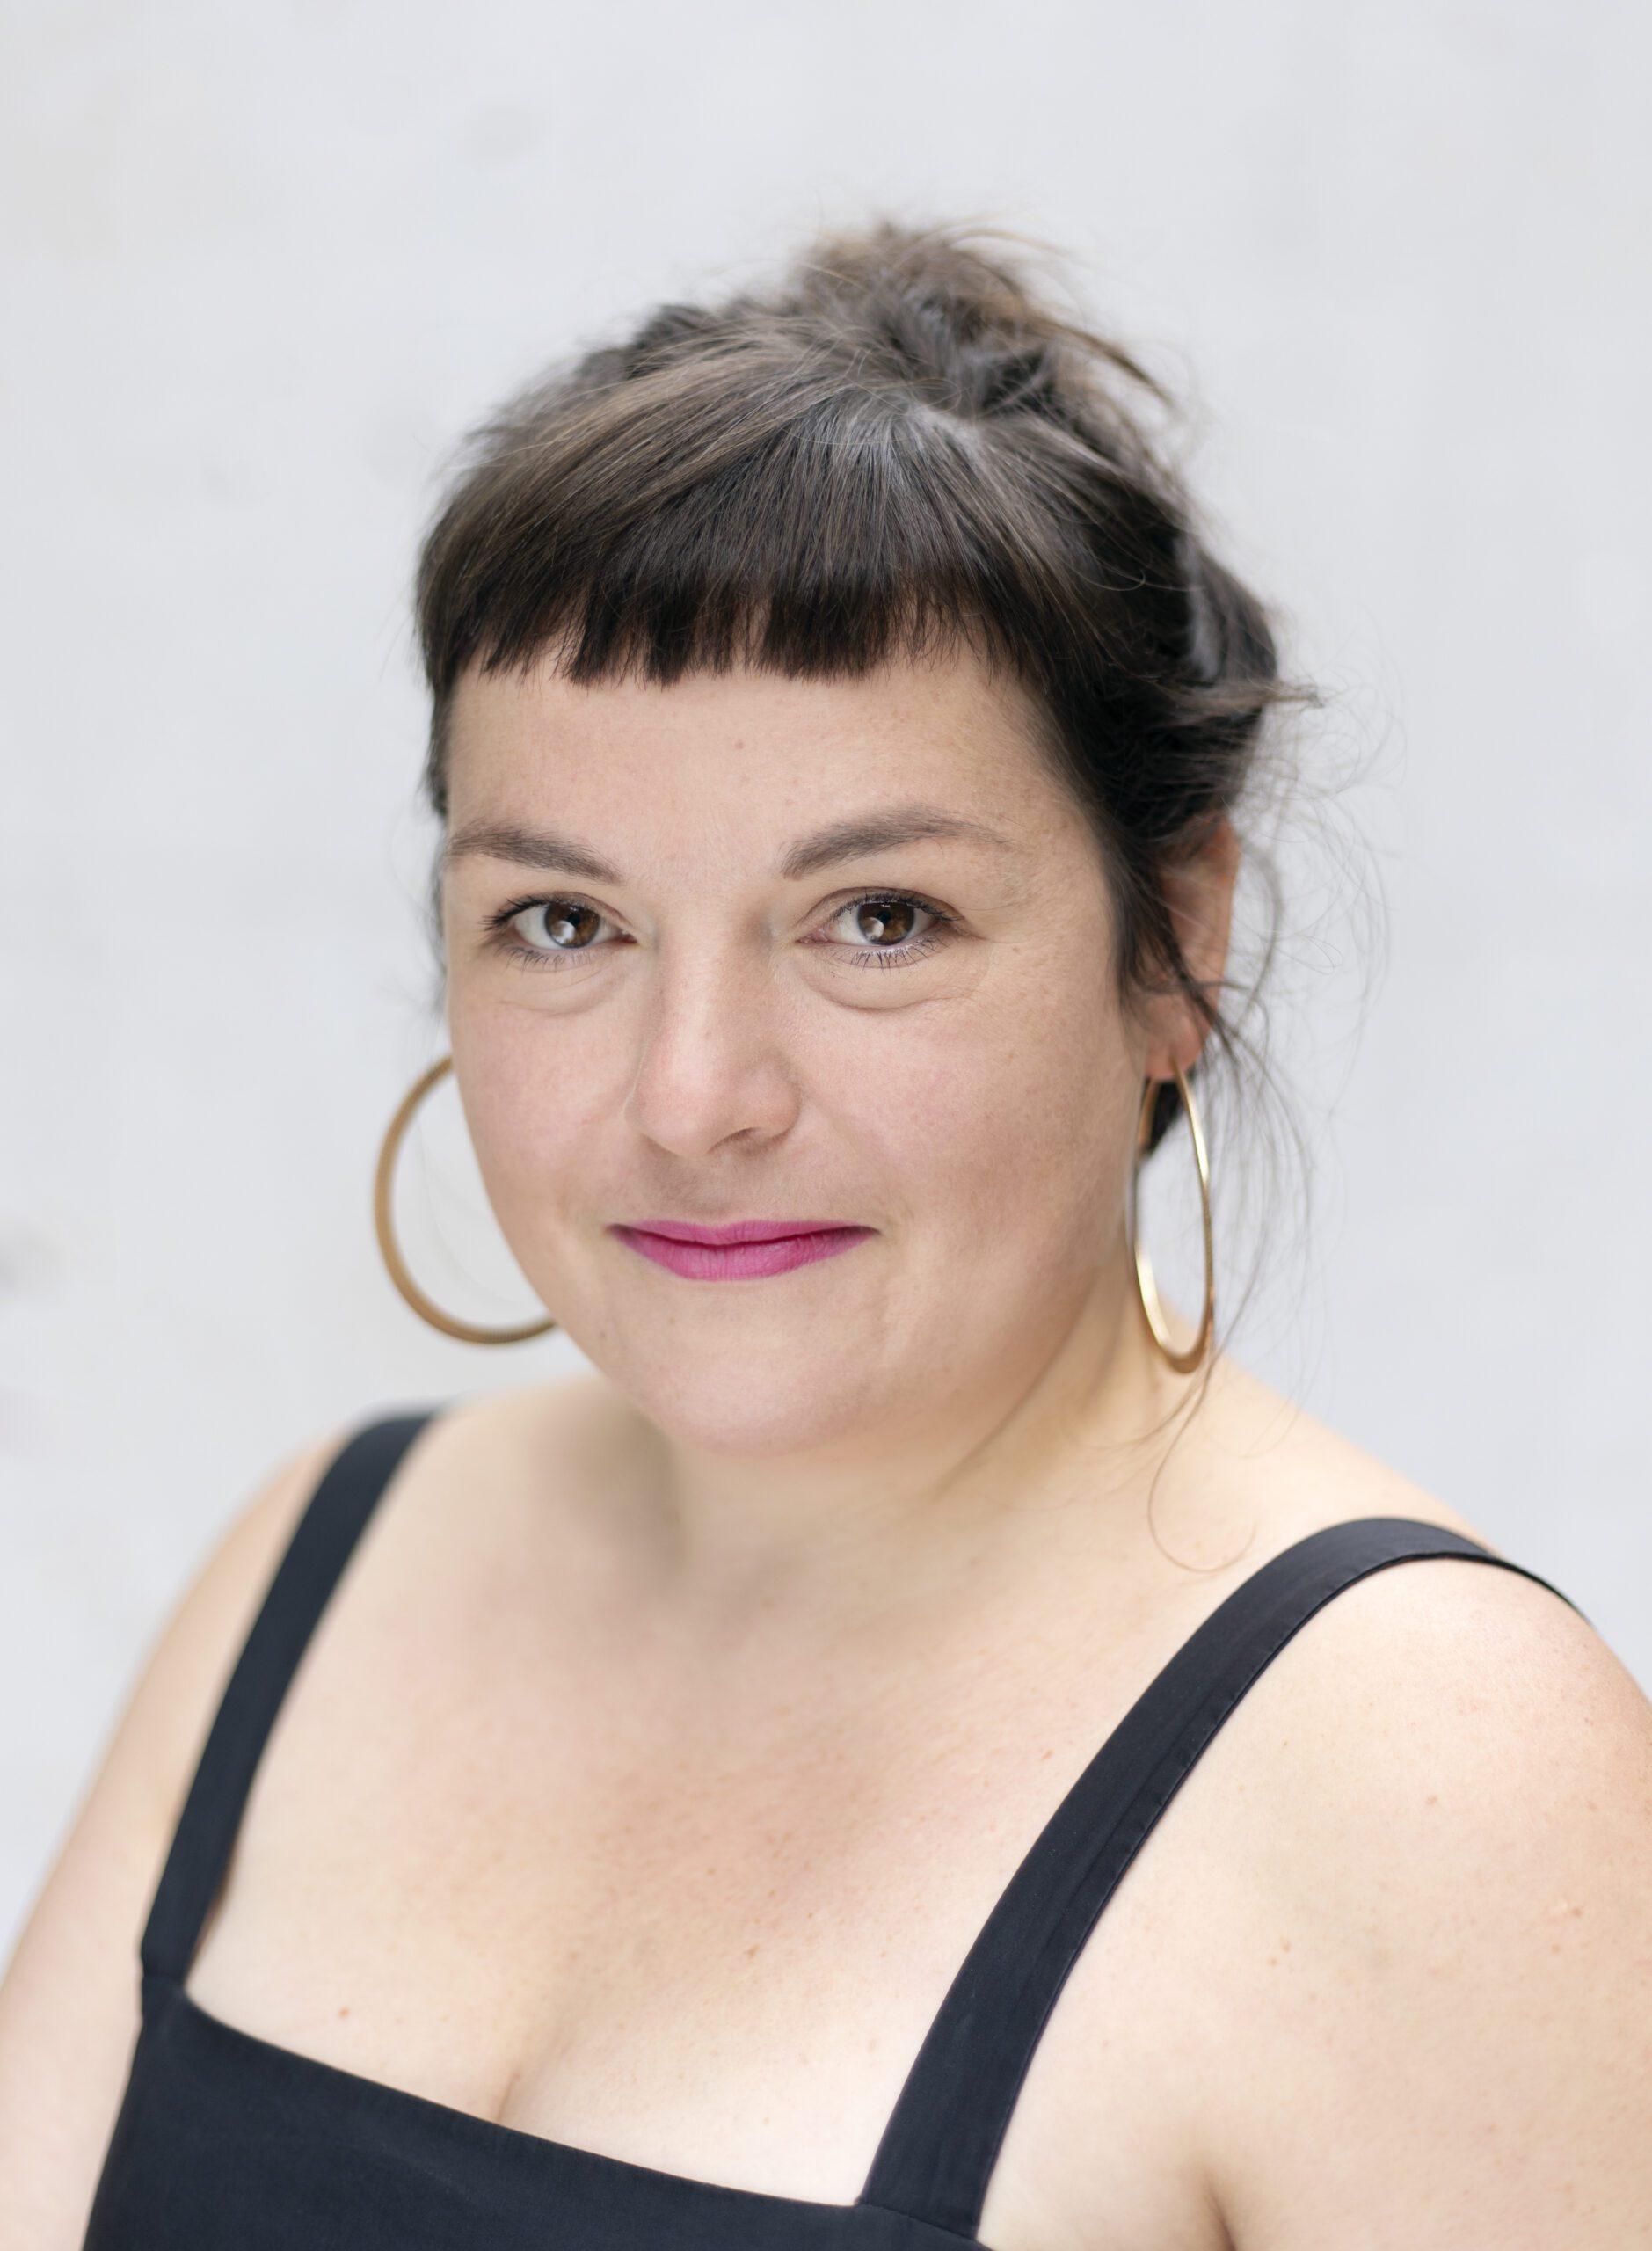 Jude Williams